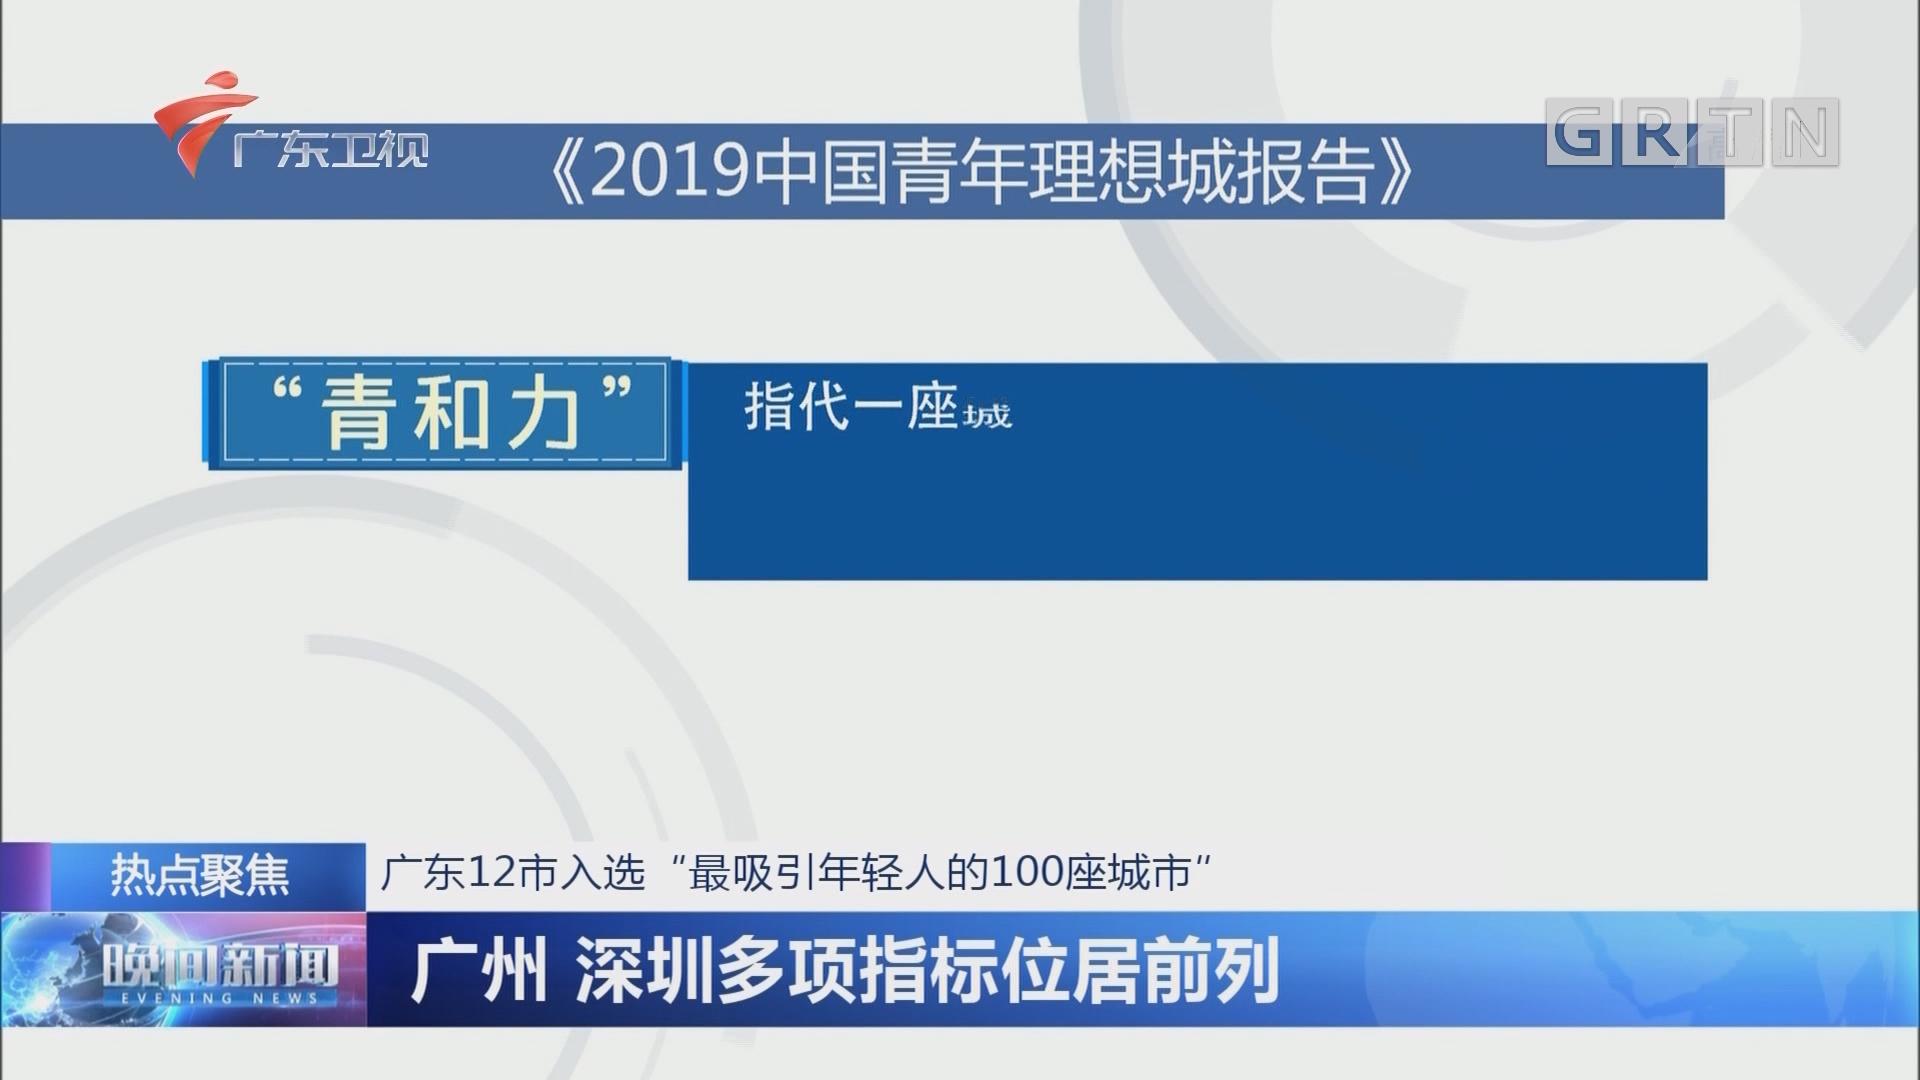 """广东12市入选""""最吸引年轻人的100座城市"""" 广州 深圳多项指标位居前列"""